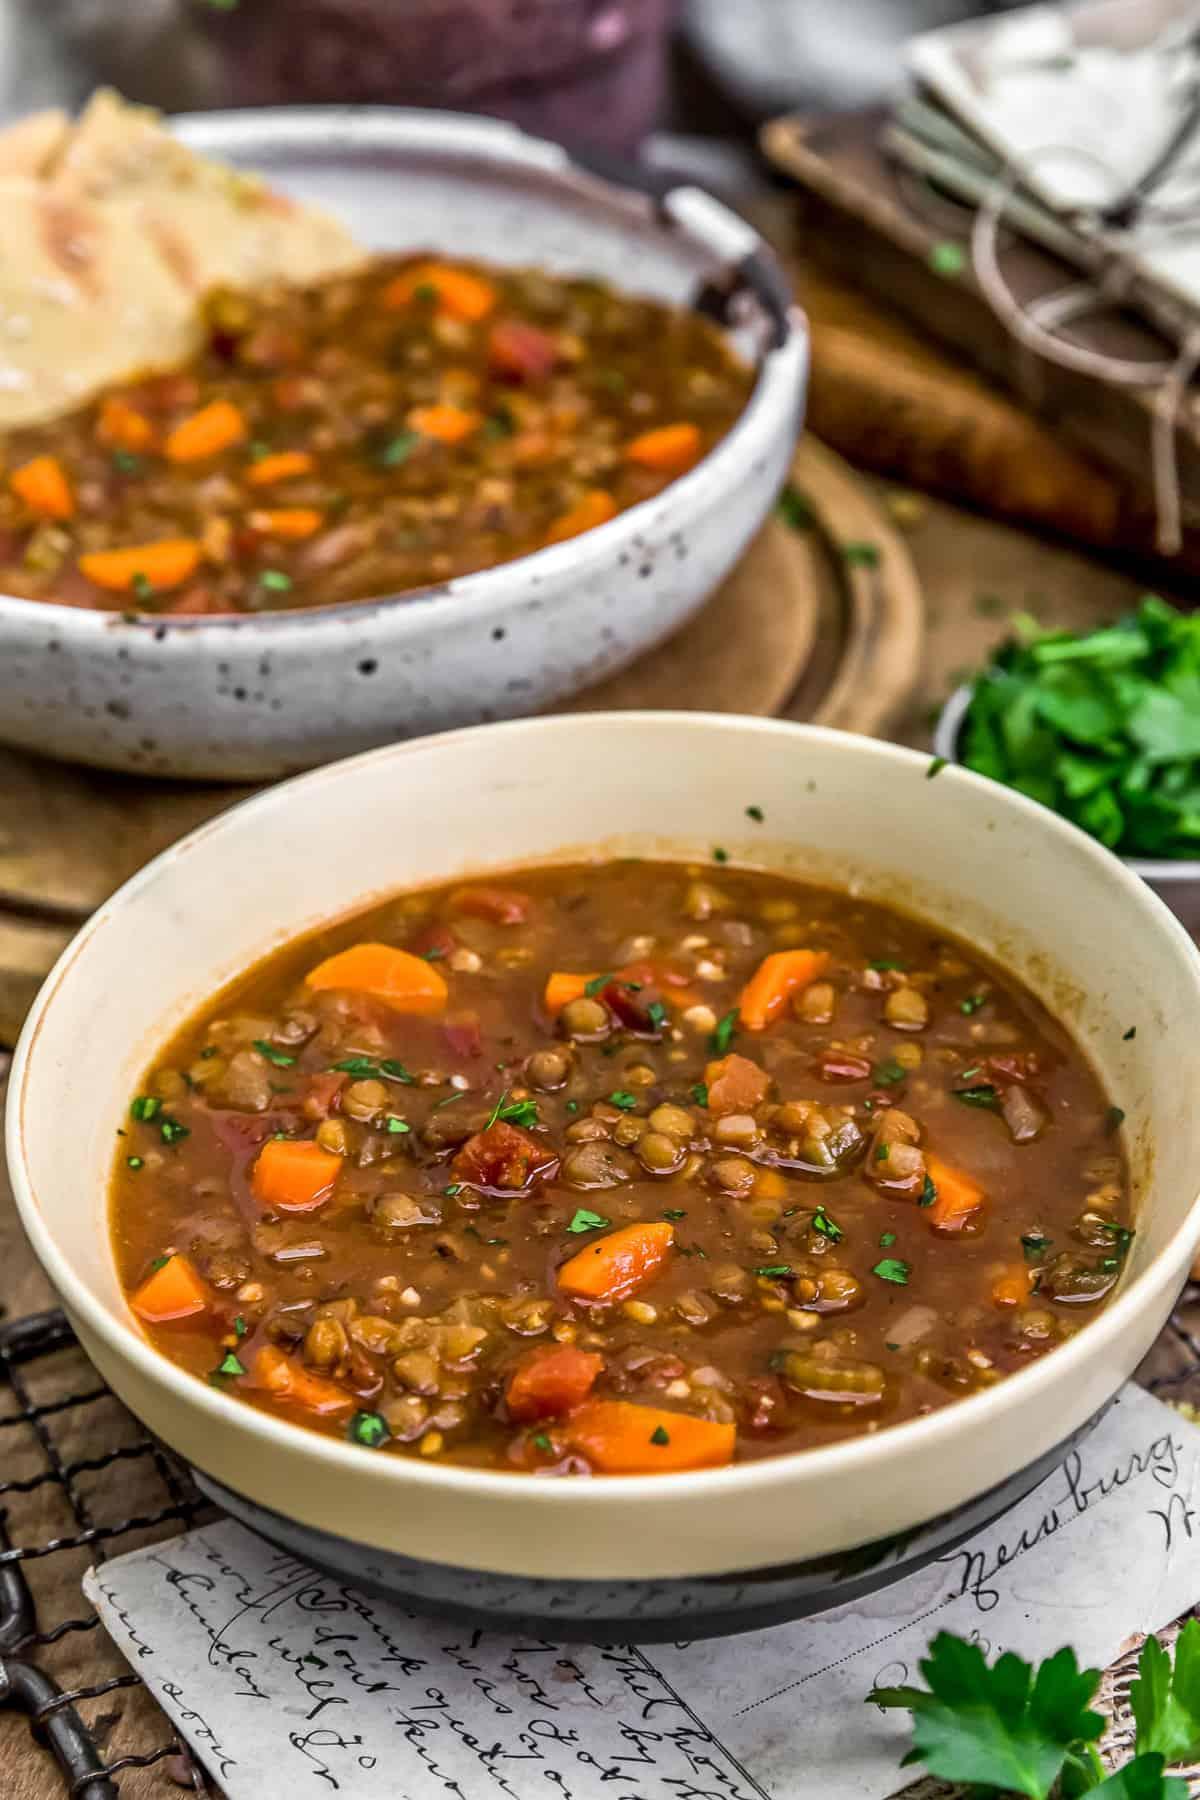 Served Warming Lentil Soup